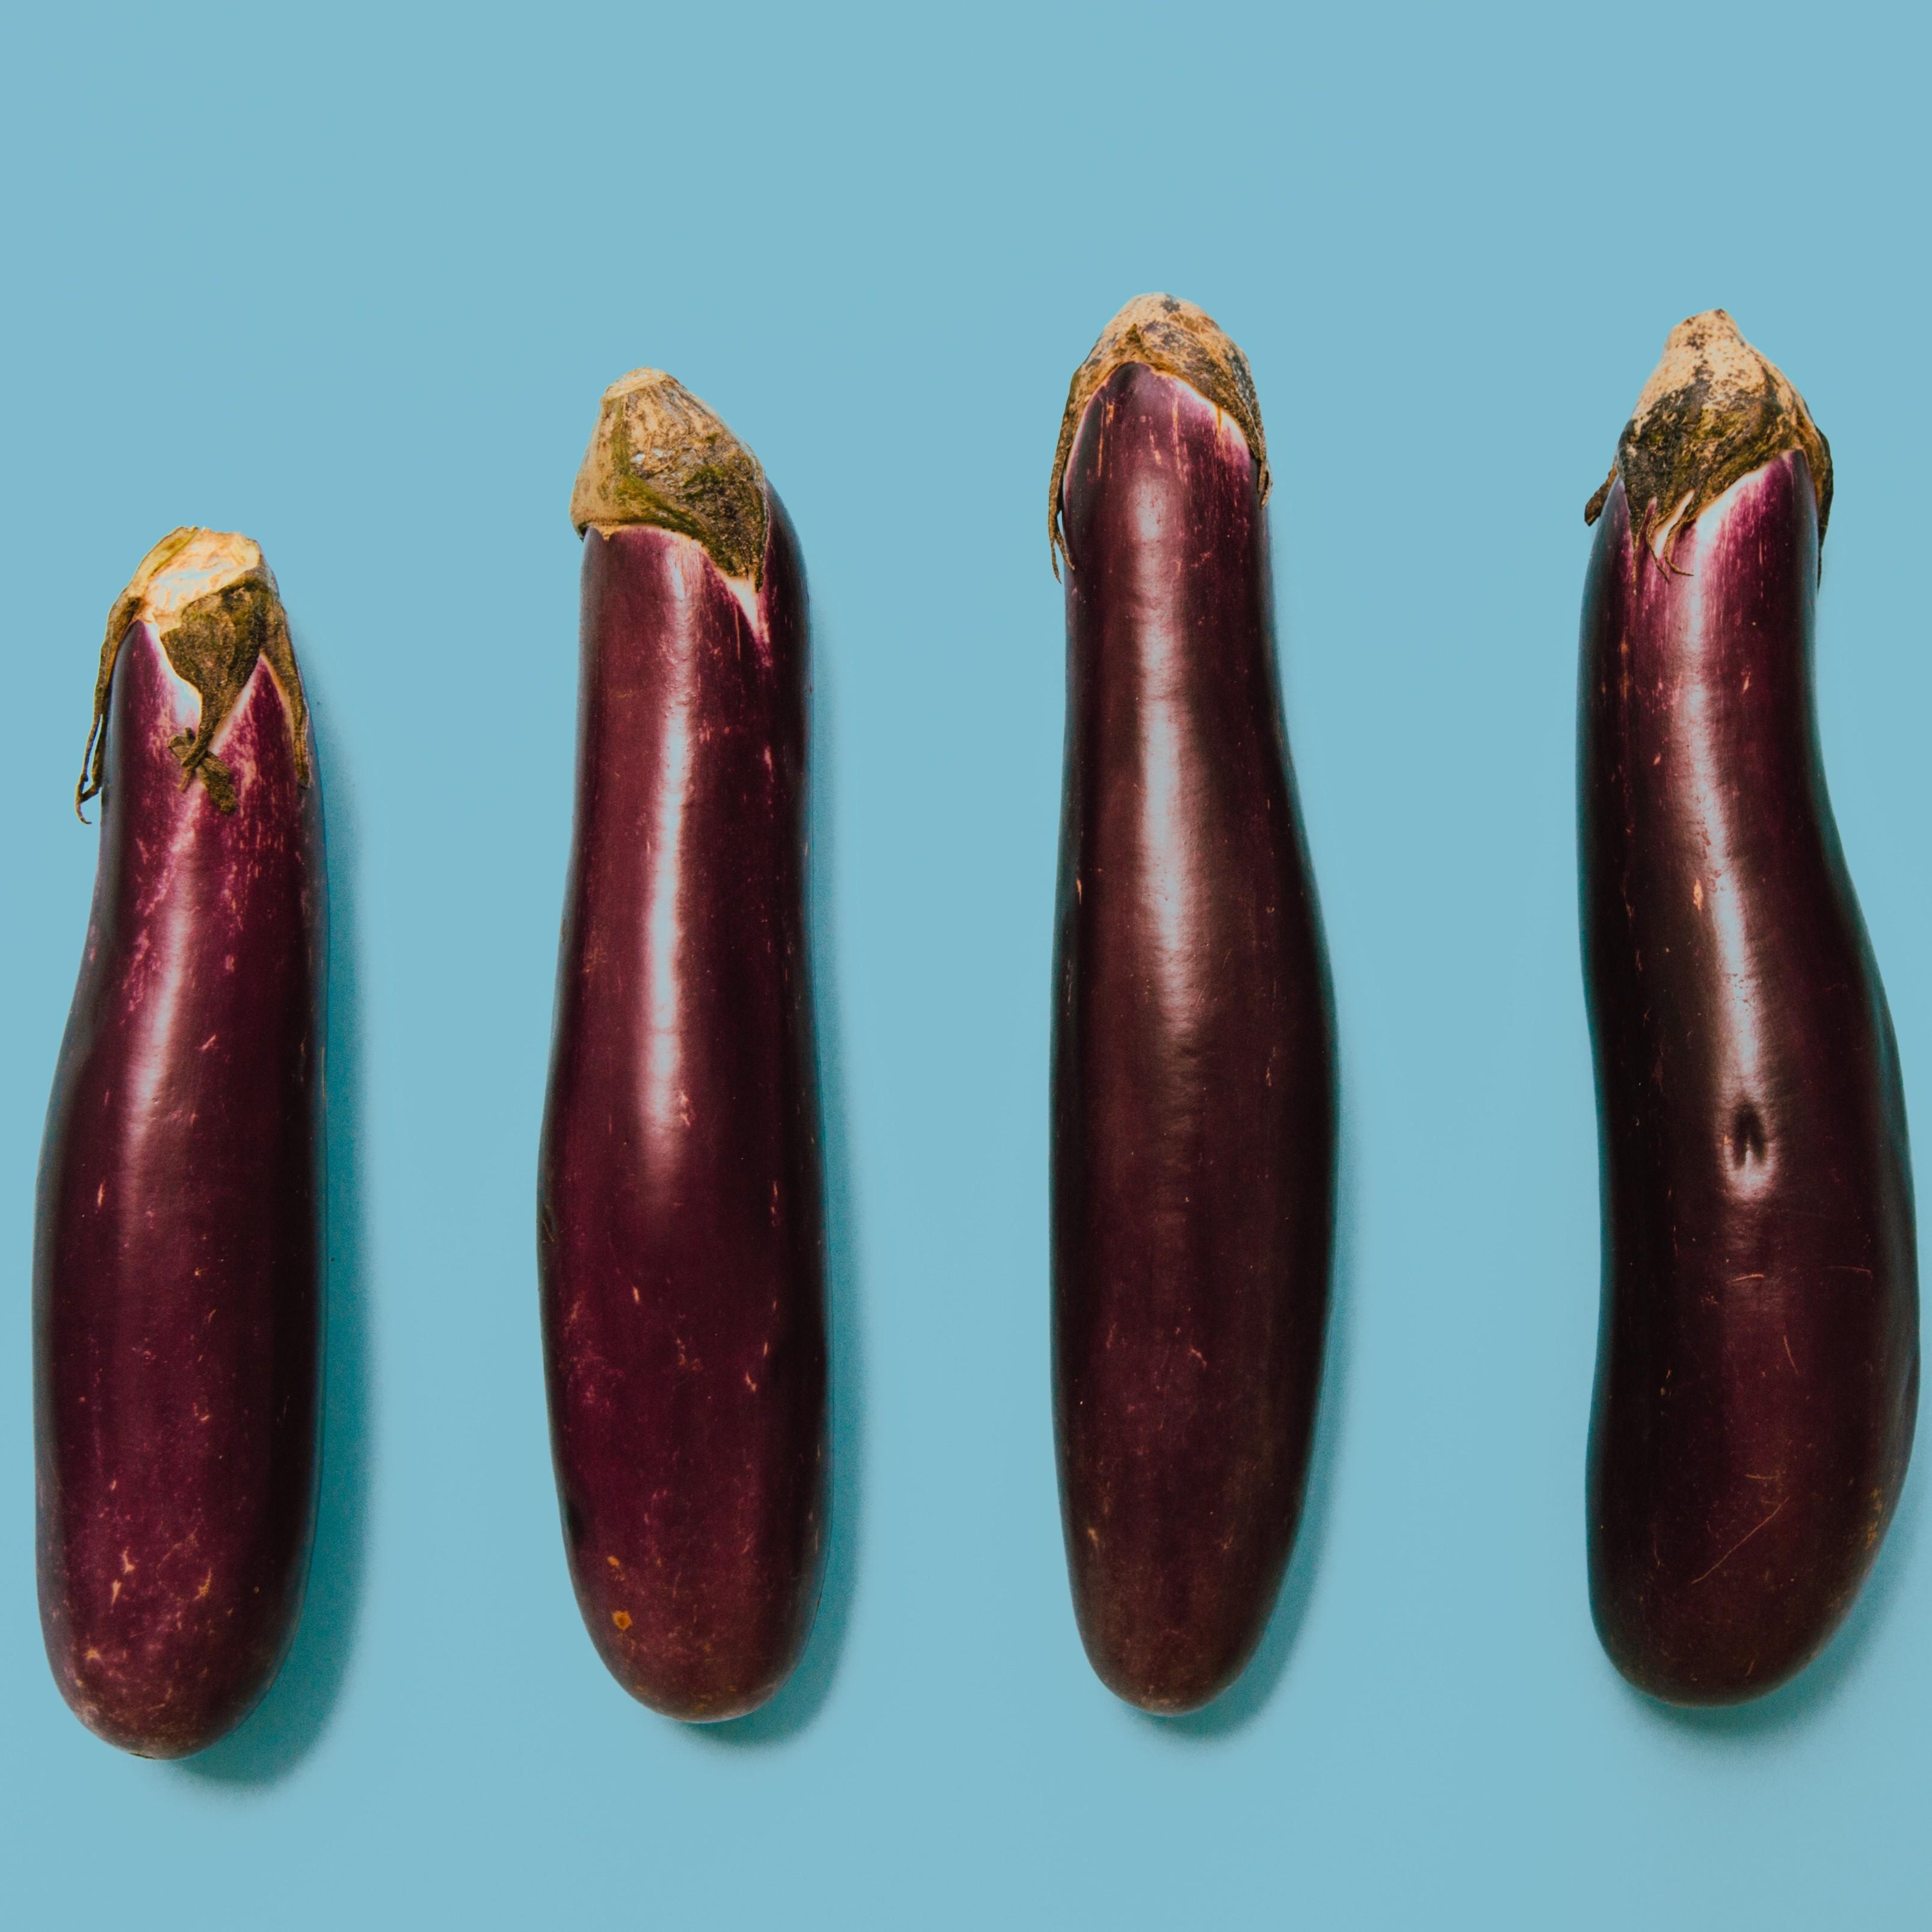 stimularea centrului de erecție posibil marirea penisului